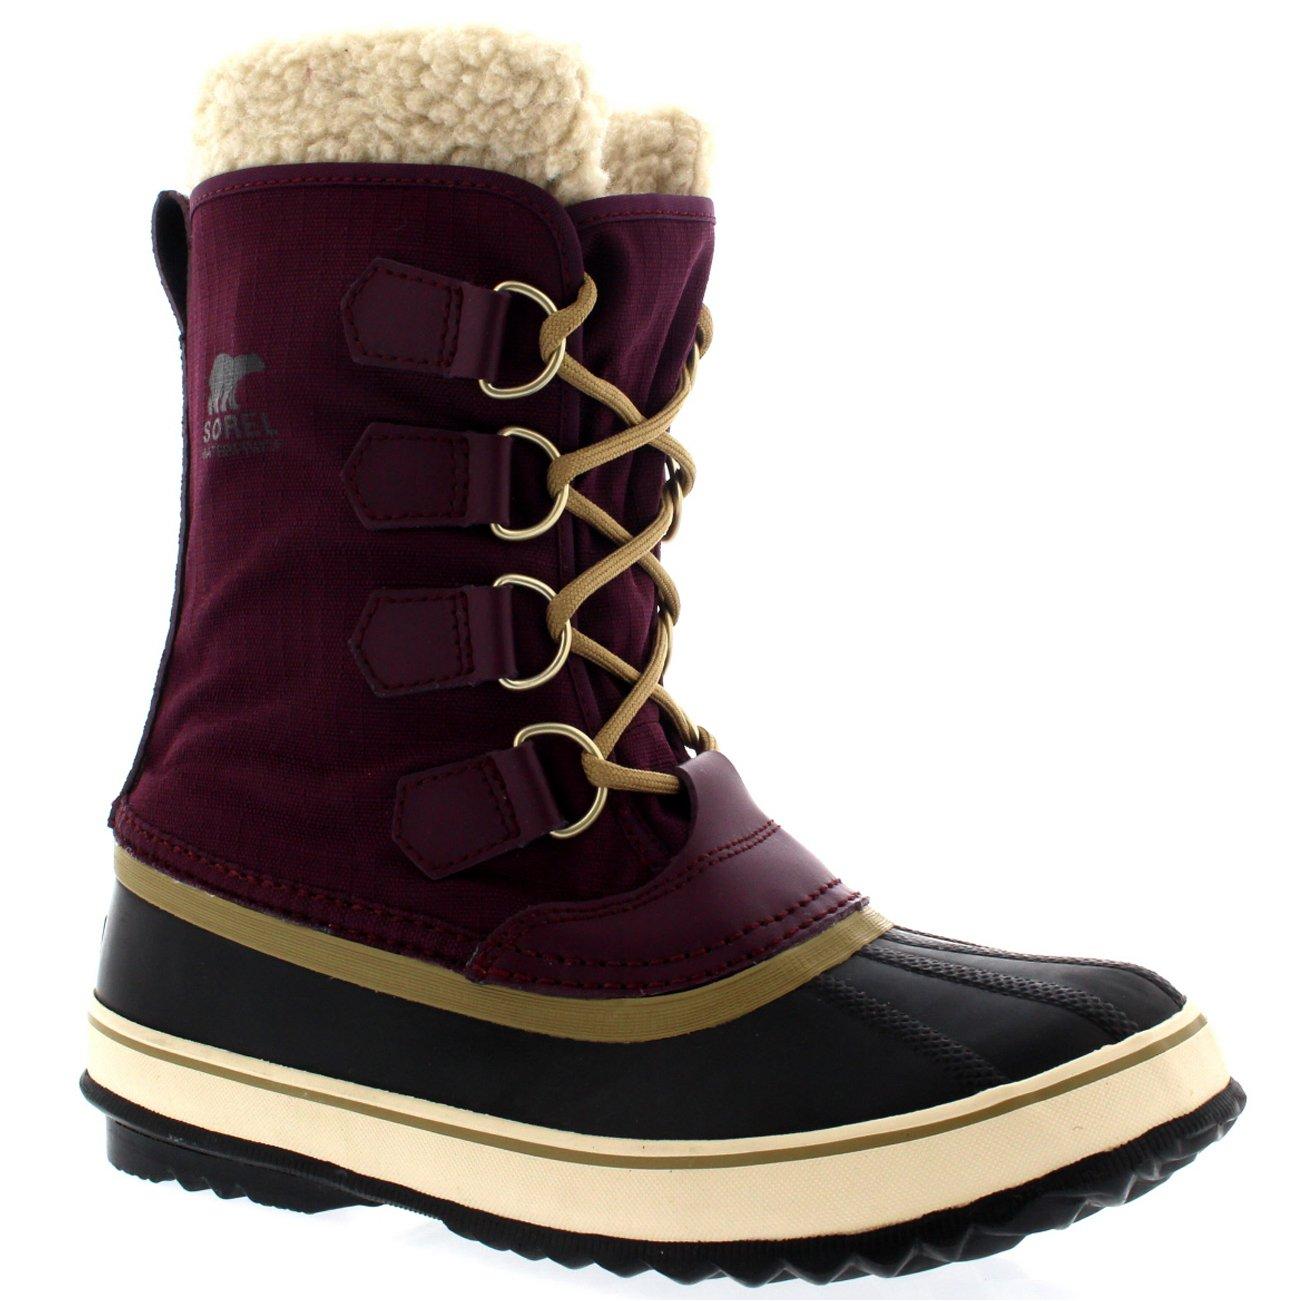 SOREL Women's Winter Carnival Boot, Purple Dahlia, 7 M US